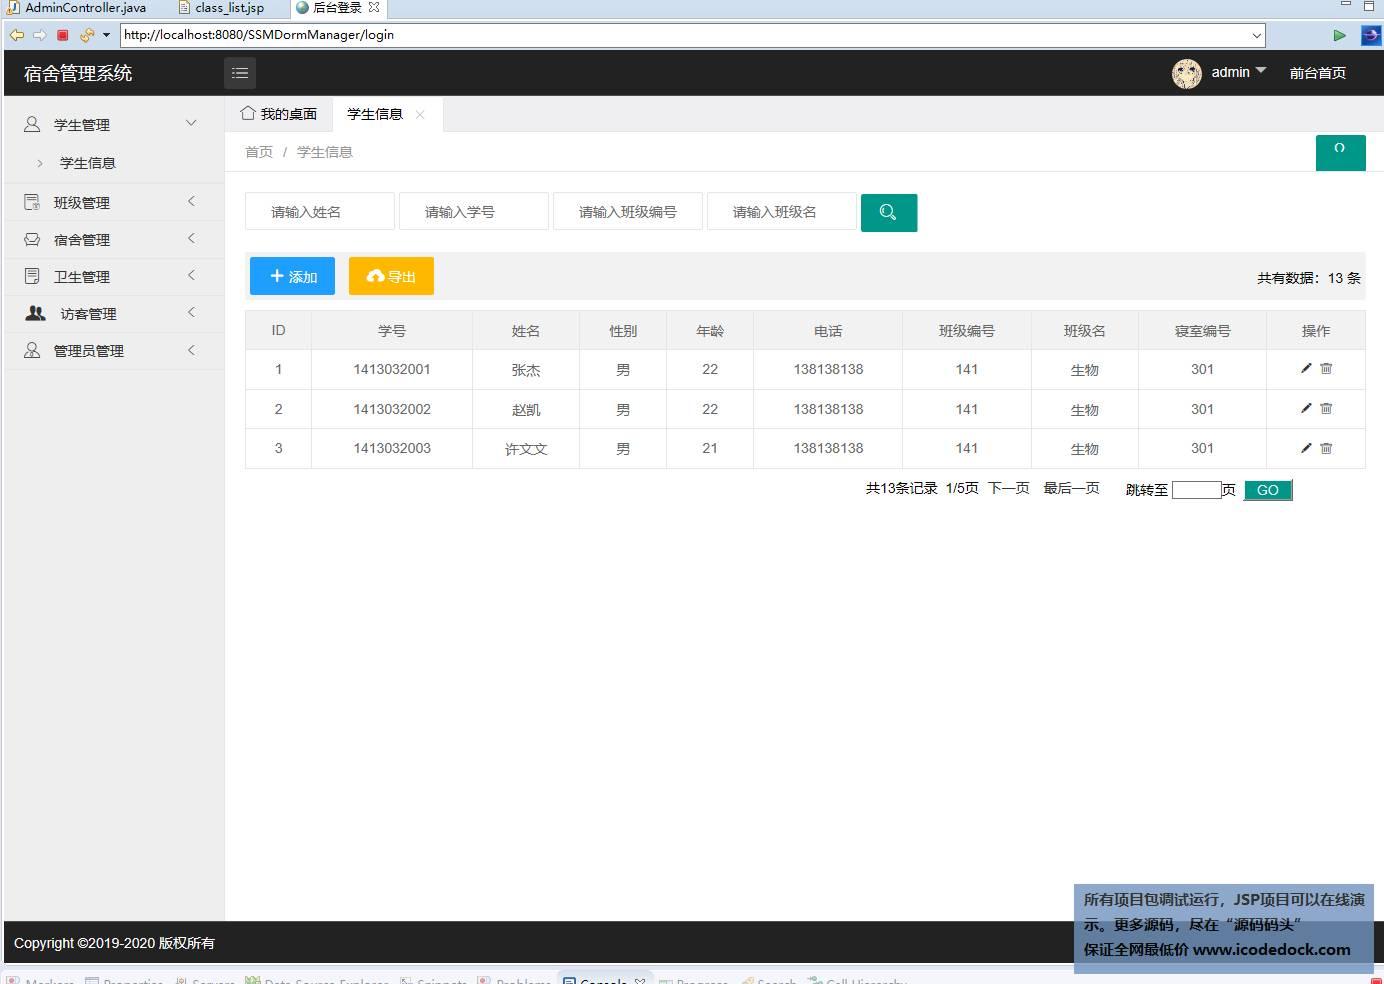 源码码头-SSM宿舍寝室管理系统-管理员角色-学生信息管理